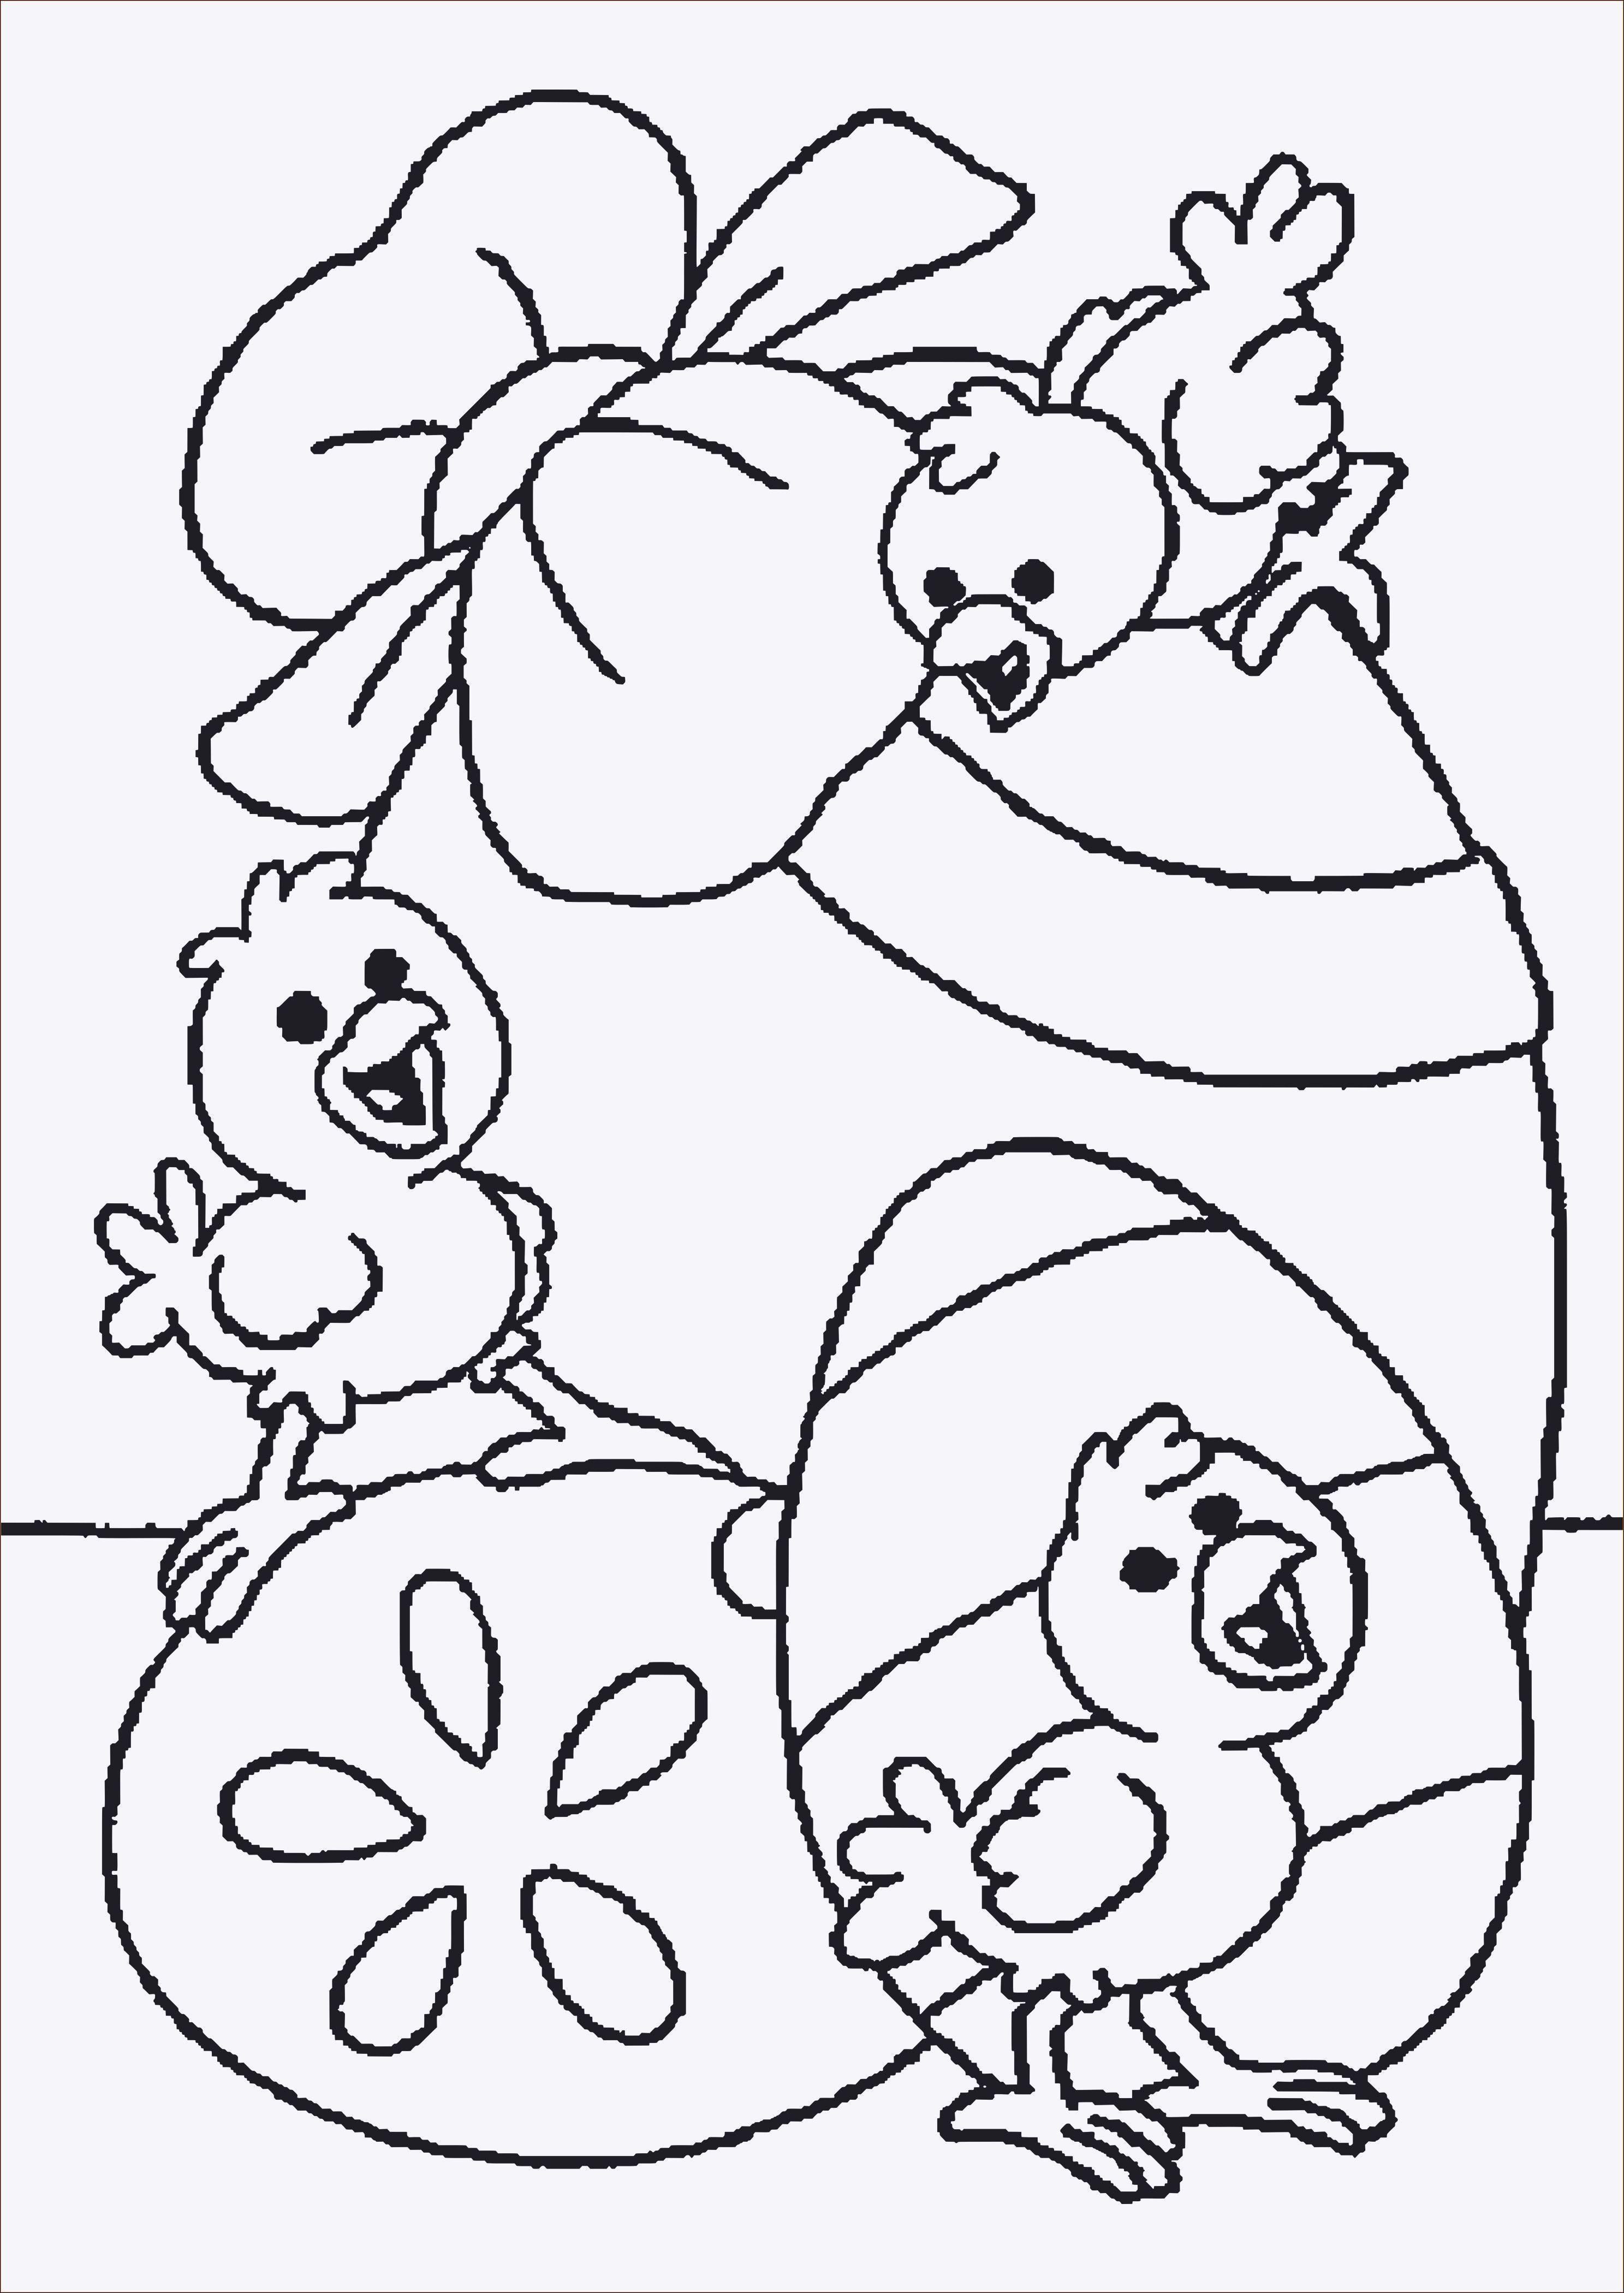 Ostereier Ausmalbilder Zum Ausdrucken Inspirierend Ausmalbilder Osterhase Kostenlos Inspirierend Malvorlagen Igel Sammlung